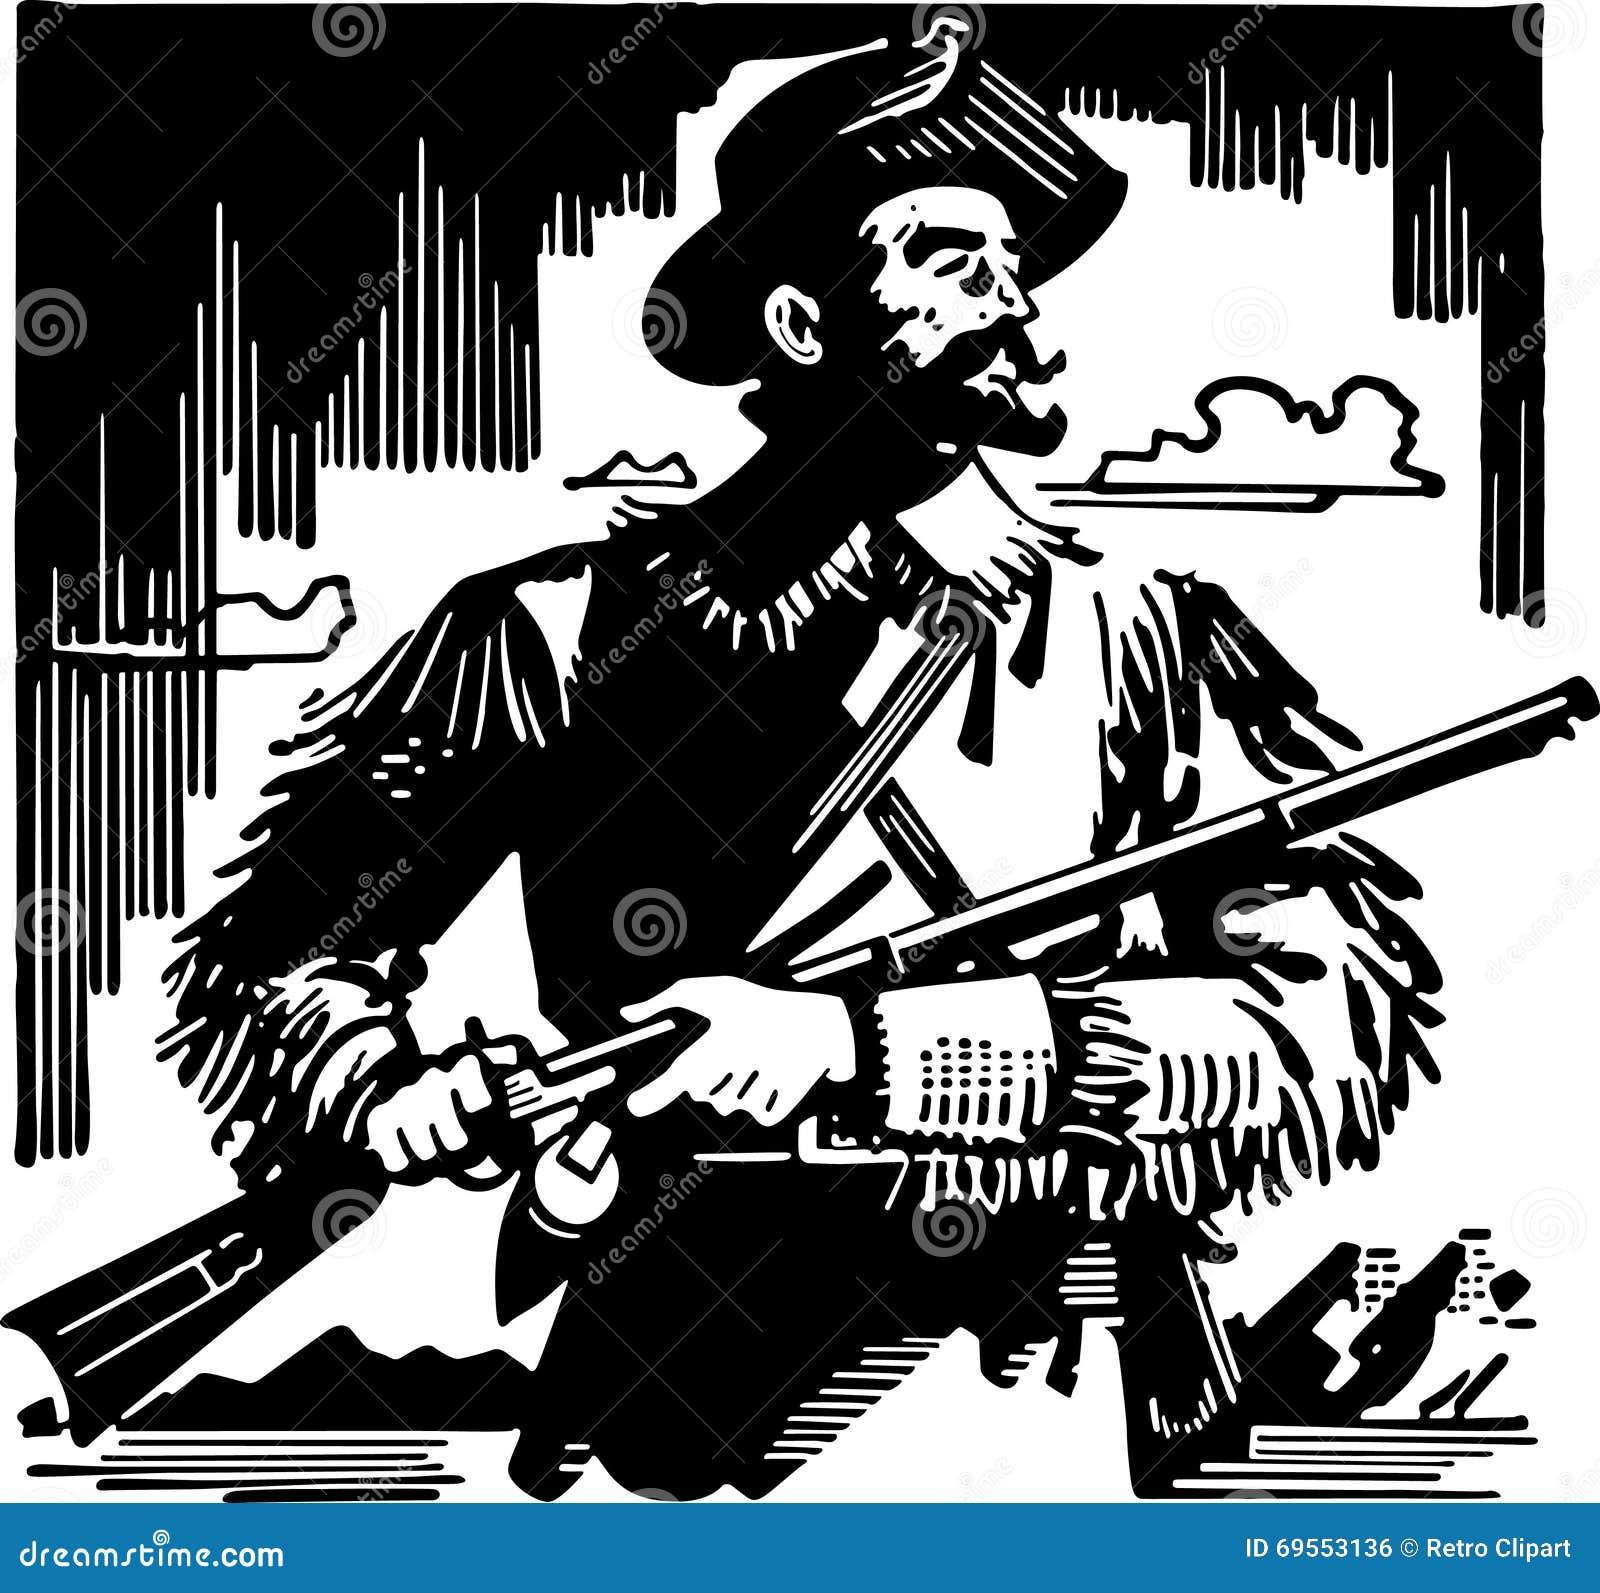 Frontiersman Stock Illustrations – 22 Frontiersman Stock Illustrations 192aaba0a1d0